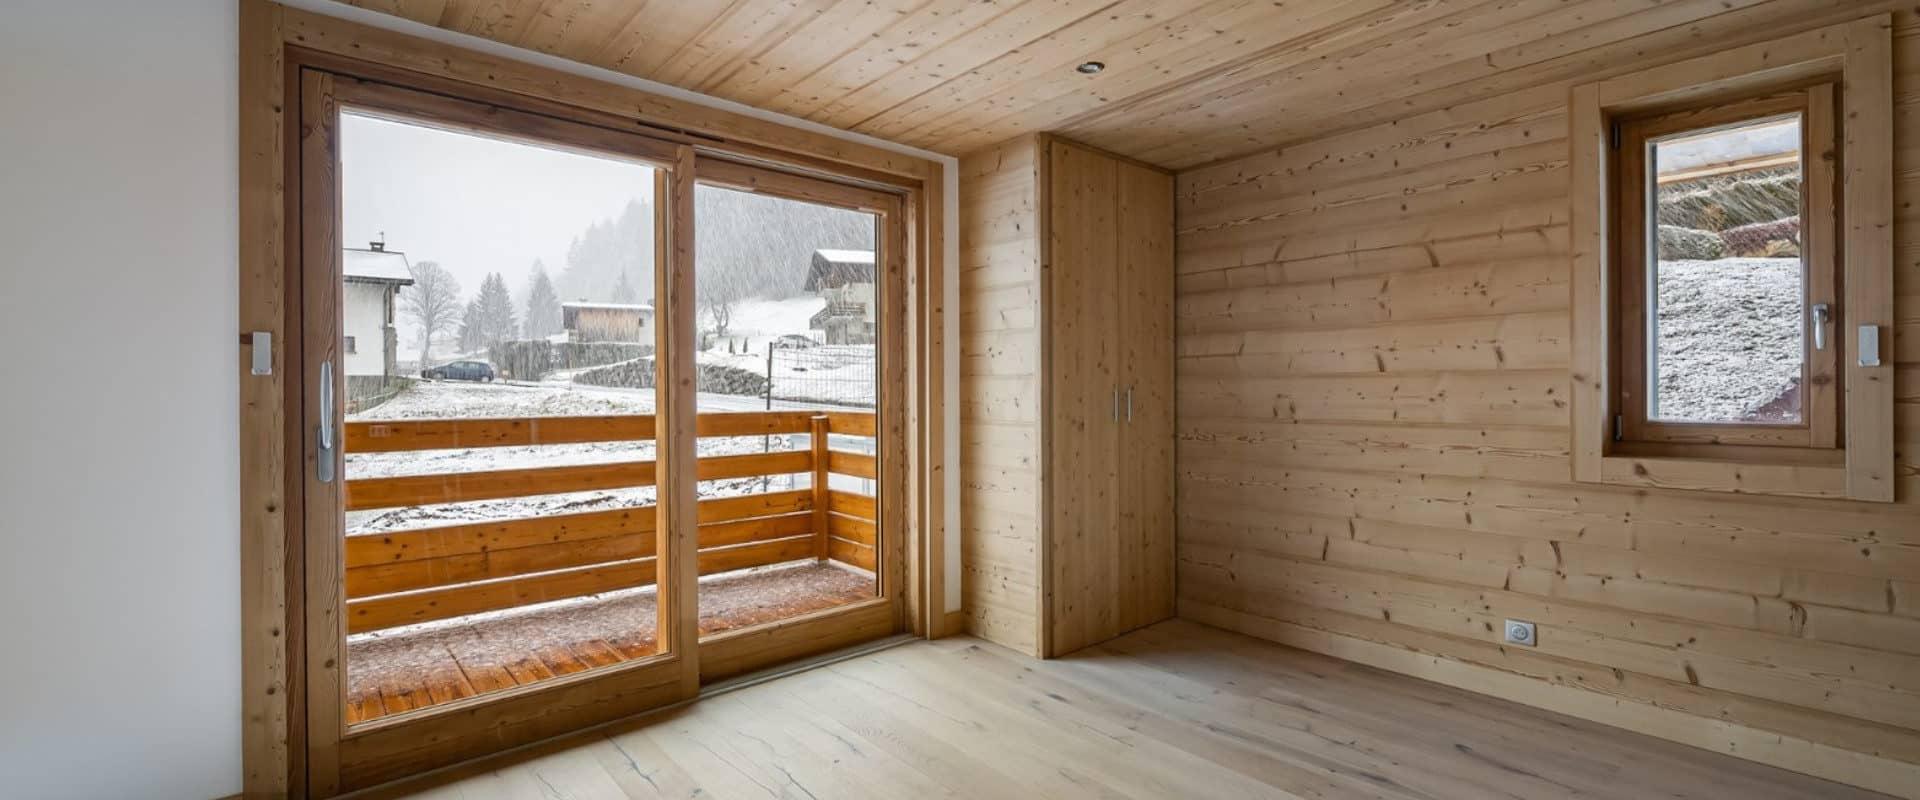 2, 3 & 4 Bedroom Ski Apartments for sale, Megève, France ...